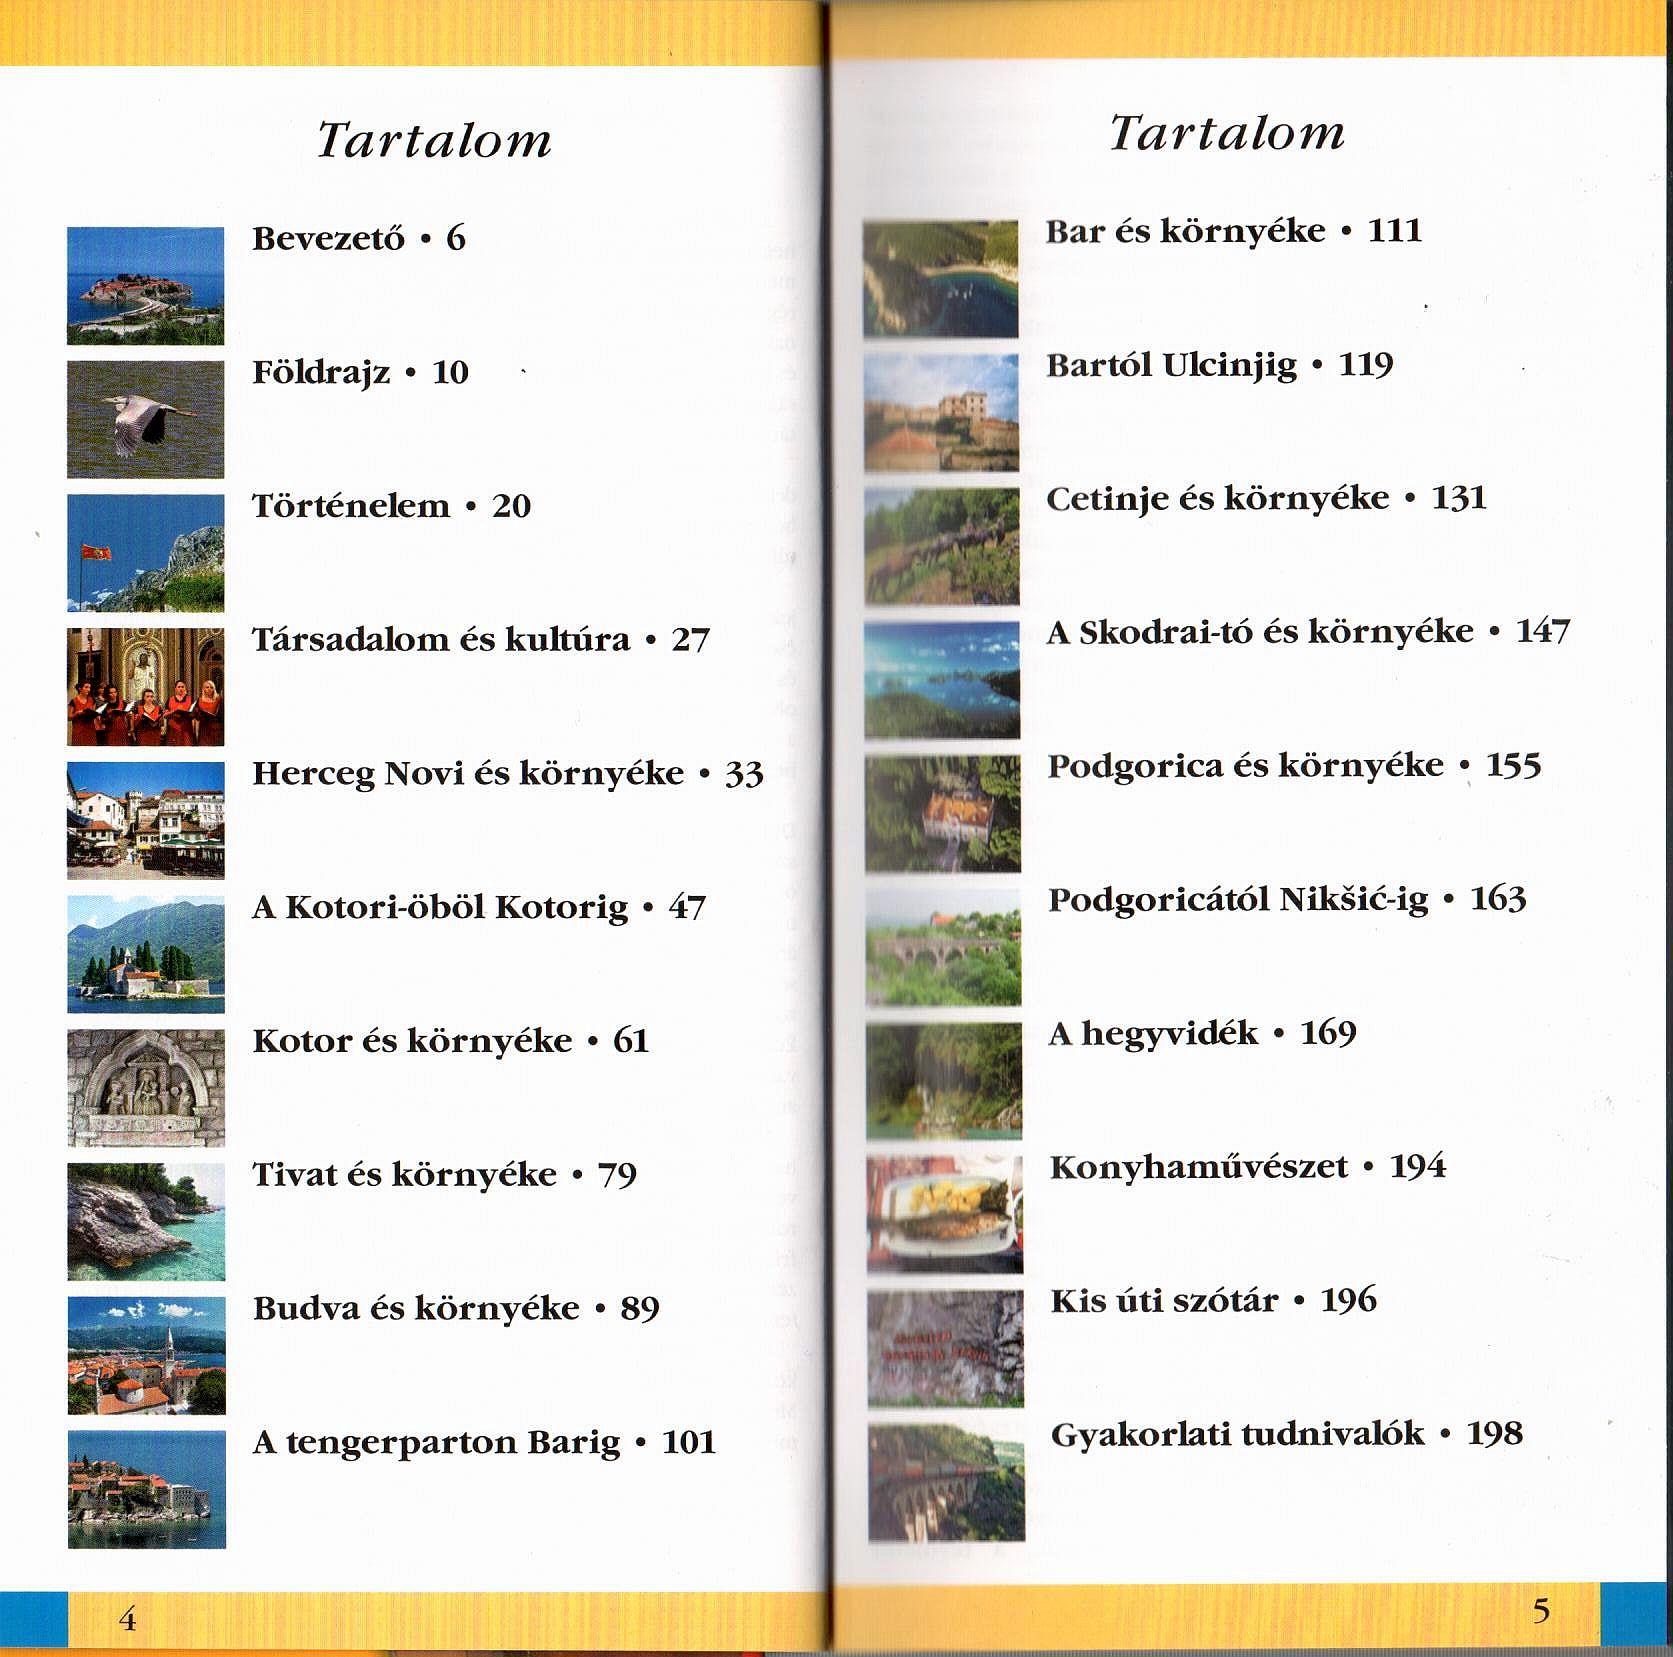 Montenegró útikönyv tartalomjegyzék